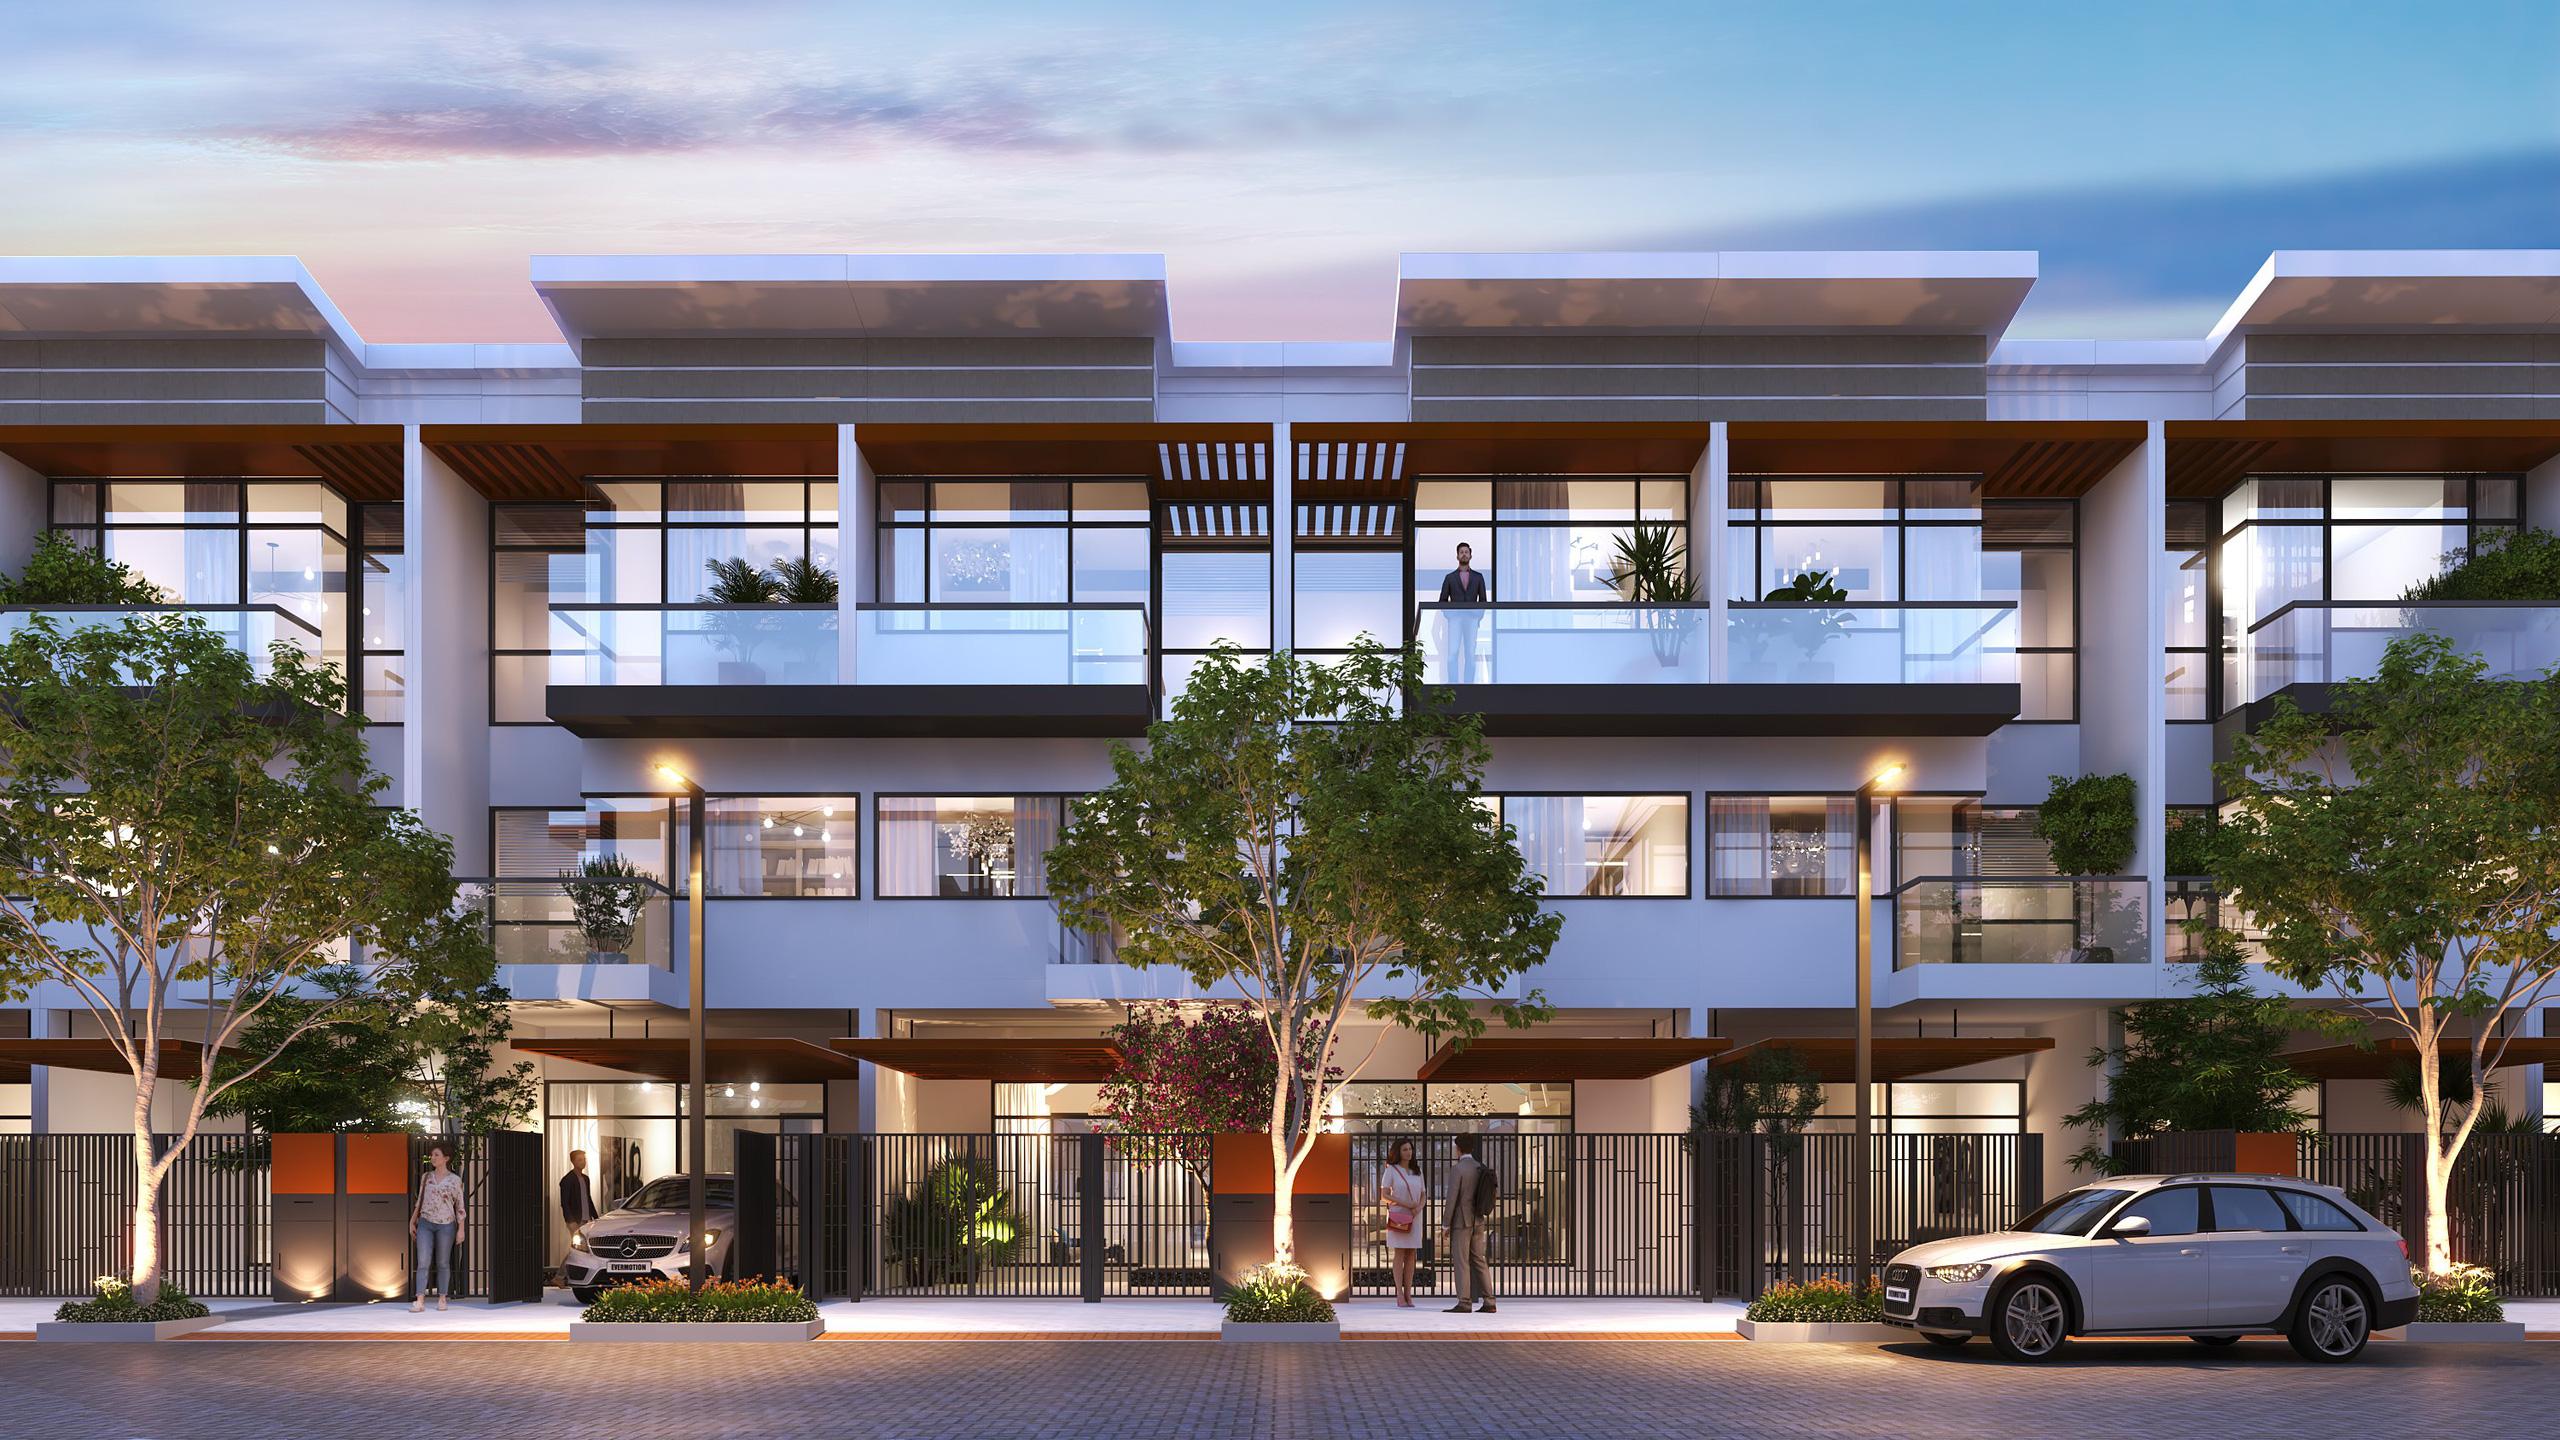 Khu đô thị Elite Life hưởng lợi từ loạt công trình trọng điểm phía Nam Sài Gòn - Ảnh 2.